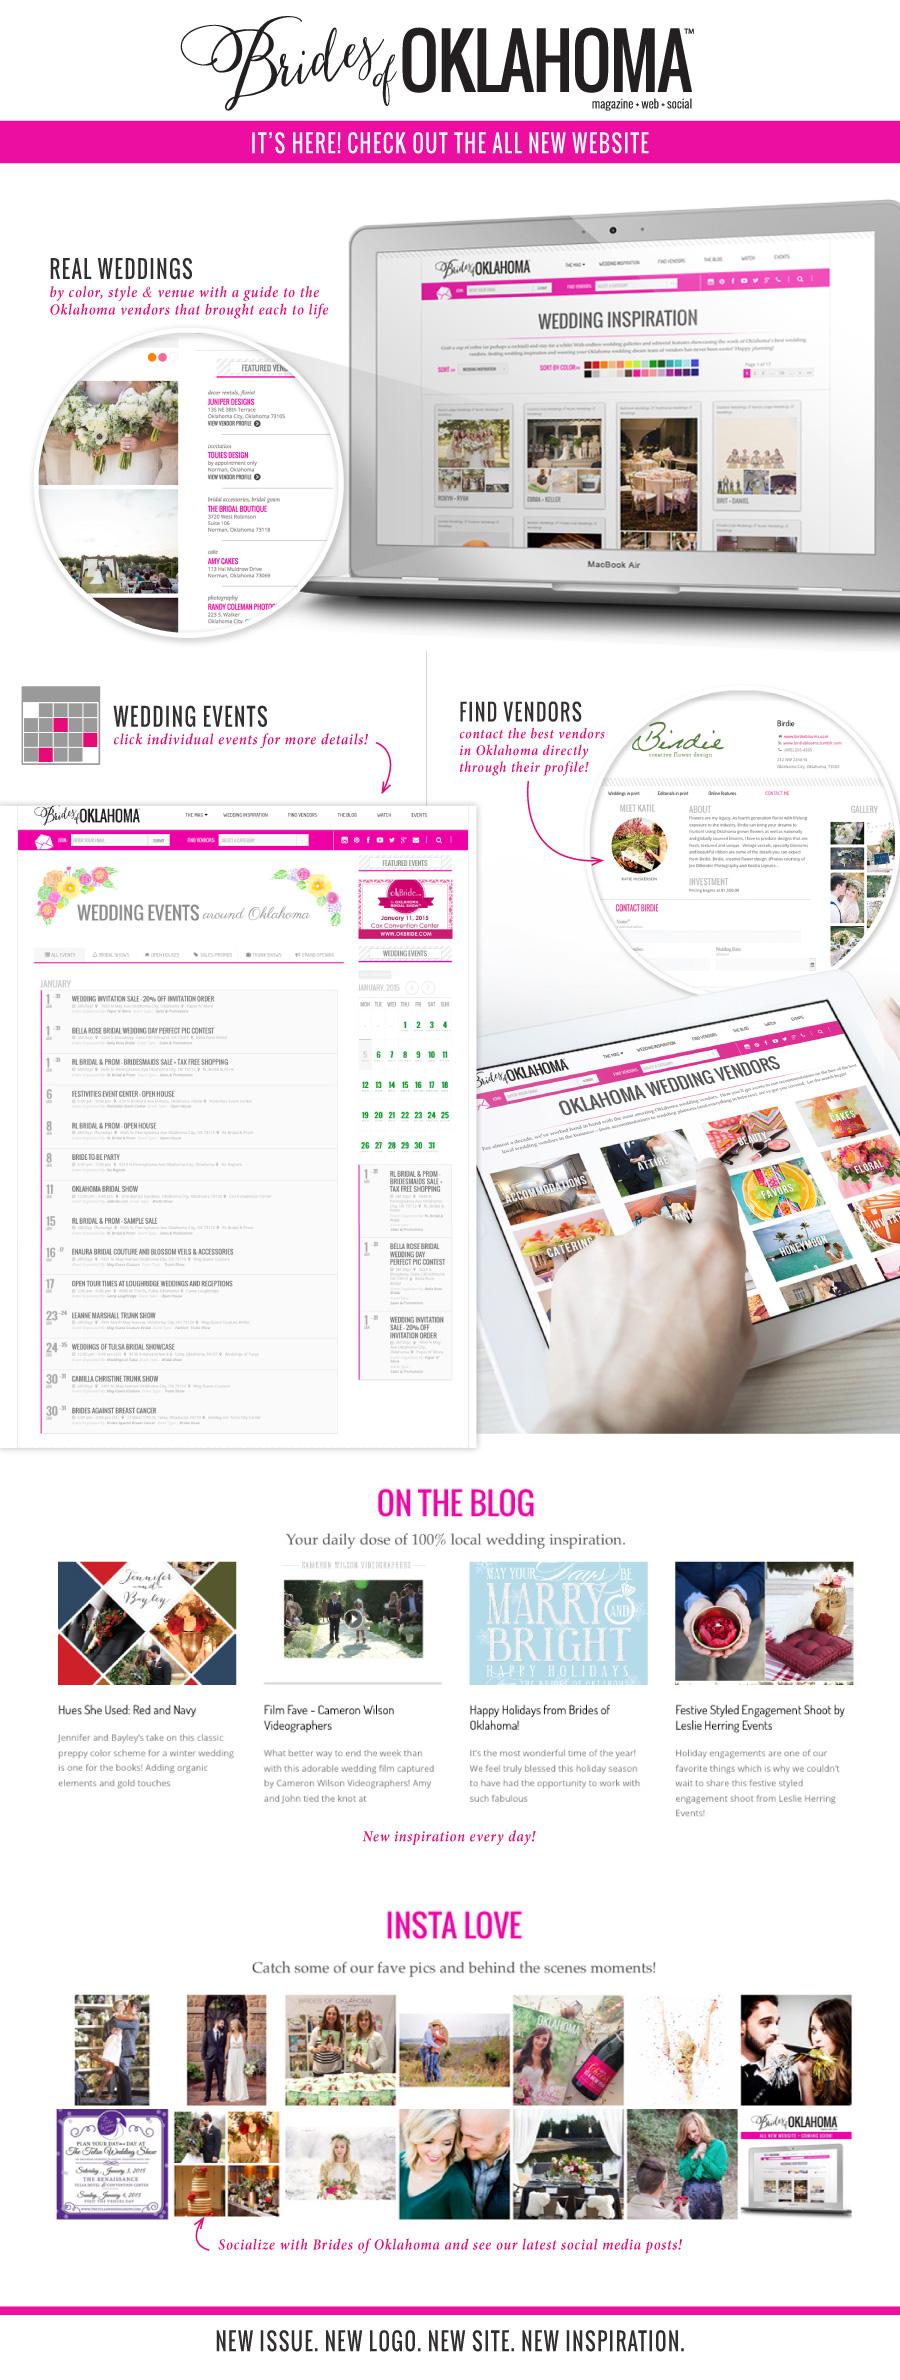 SS2015_newwebsite_launch